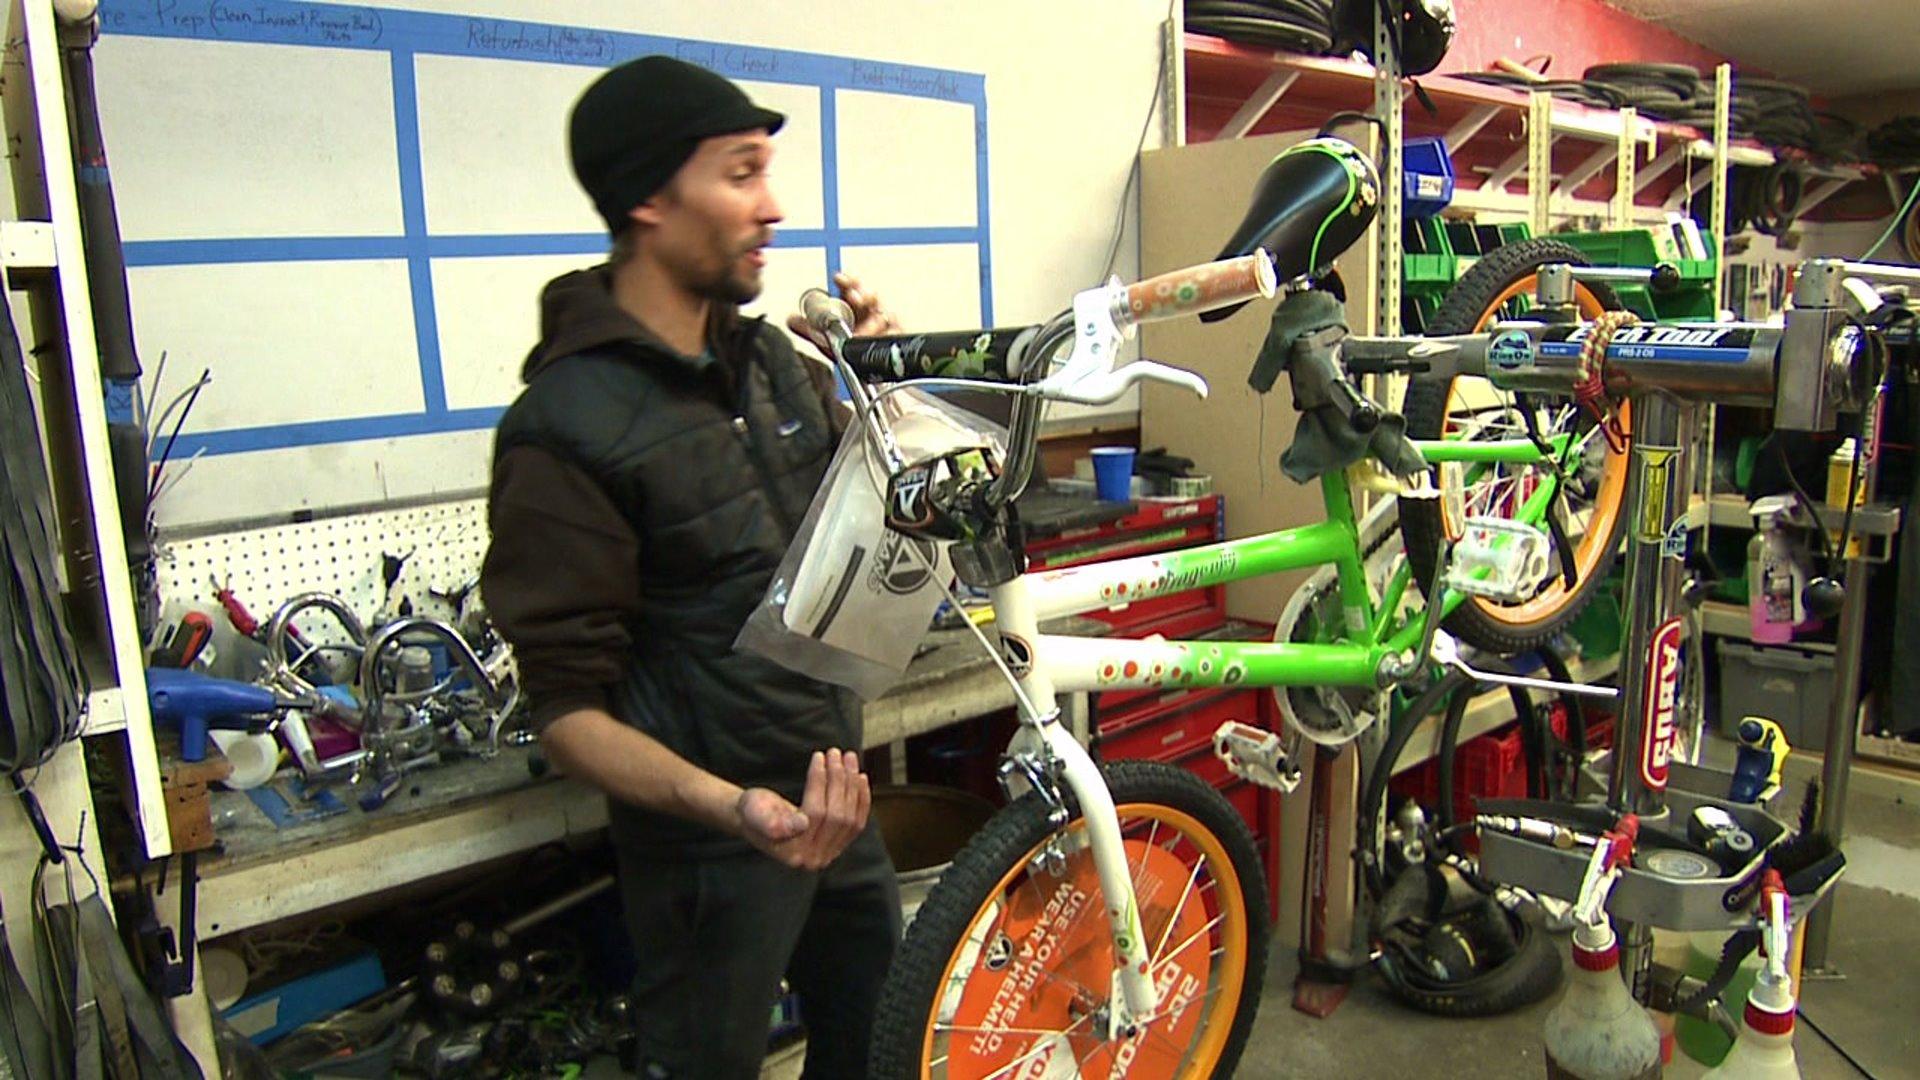 Bike expert Jordyn Dratyon inspects a child's bicycle